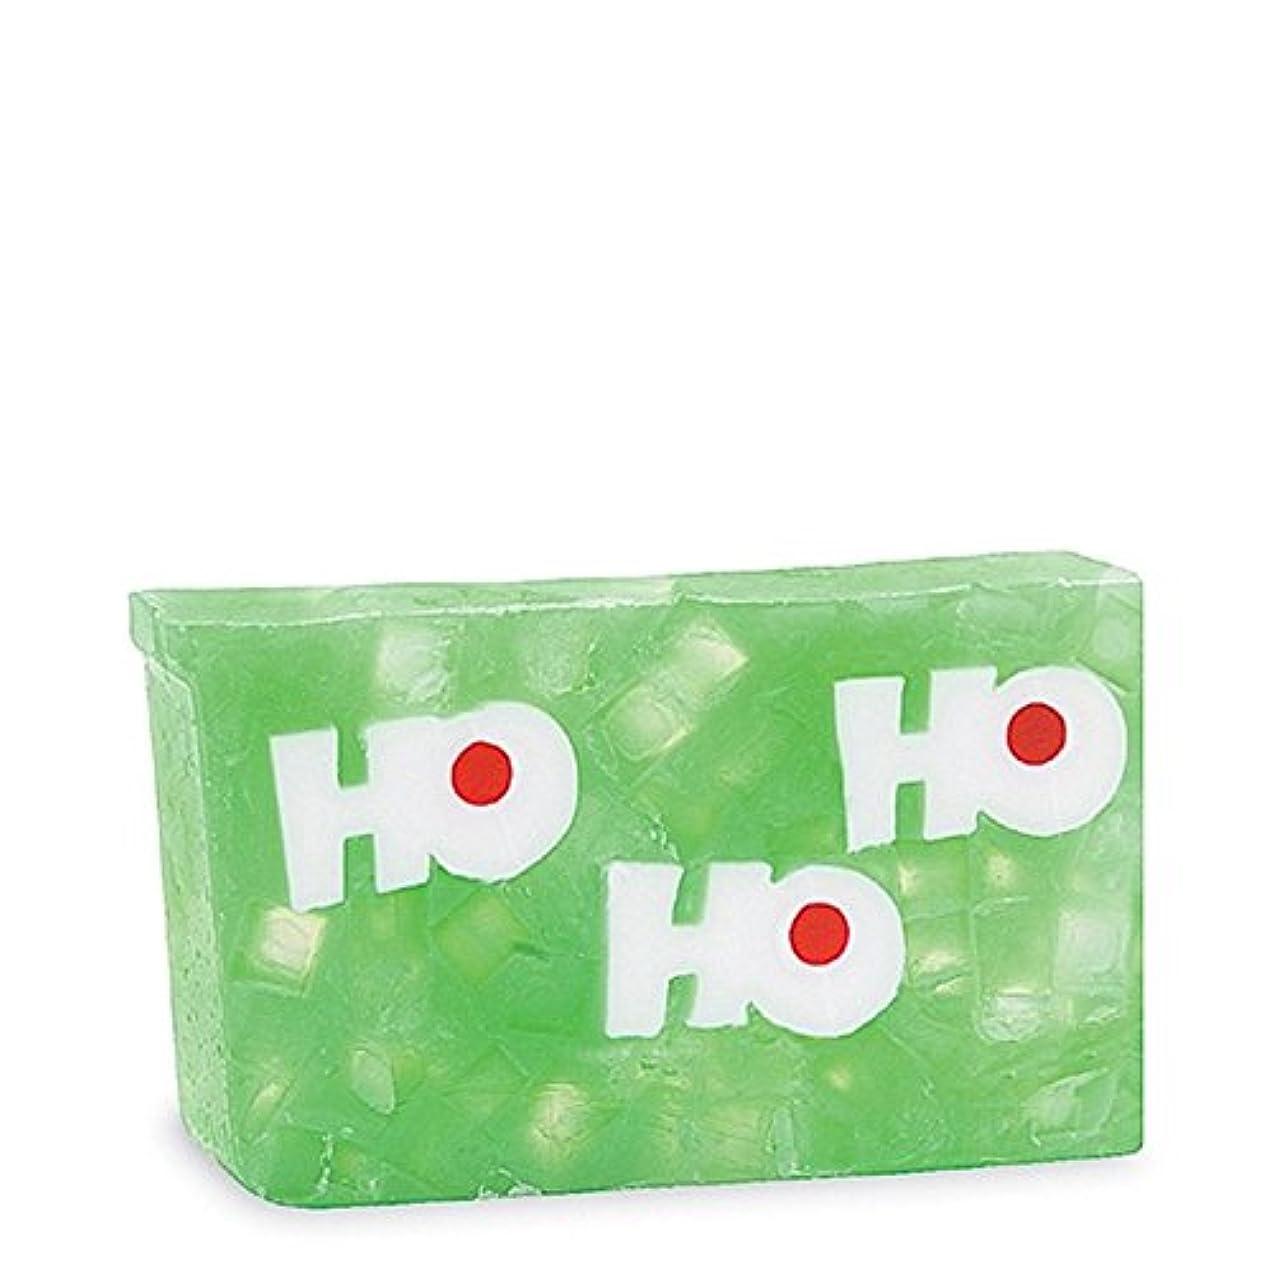 サージお酢放牧するPrimal Elements Ho Ho Ho Soap - 原初の要素ホーホーホ石鹸 [並行輸入品]